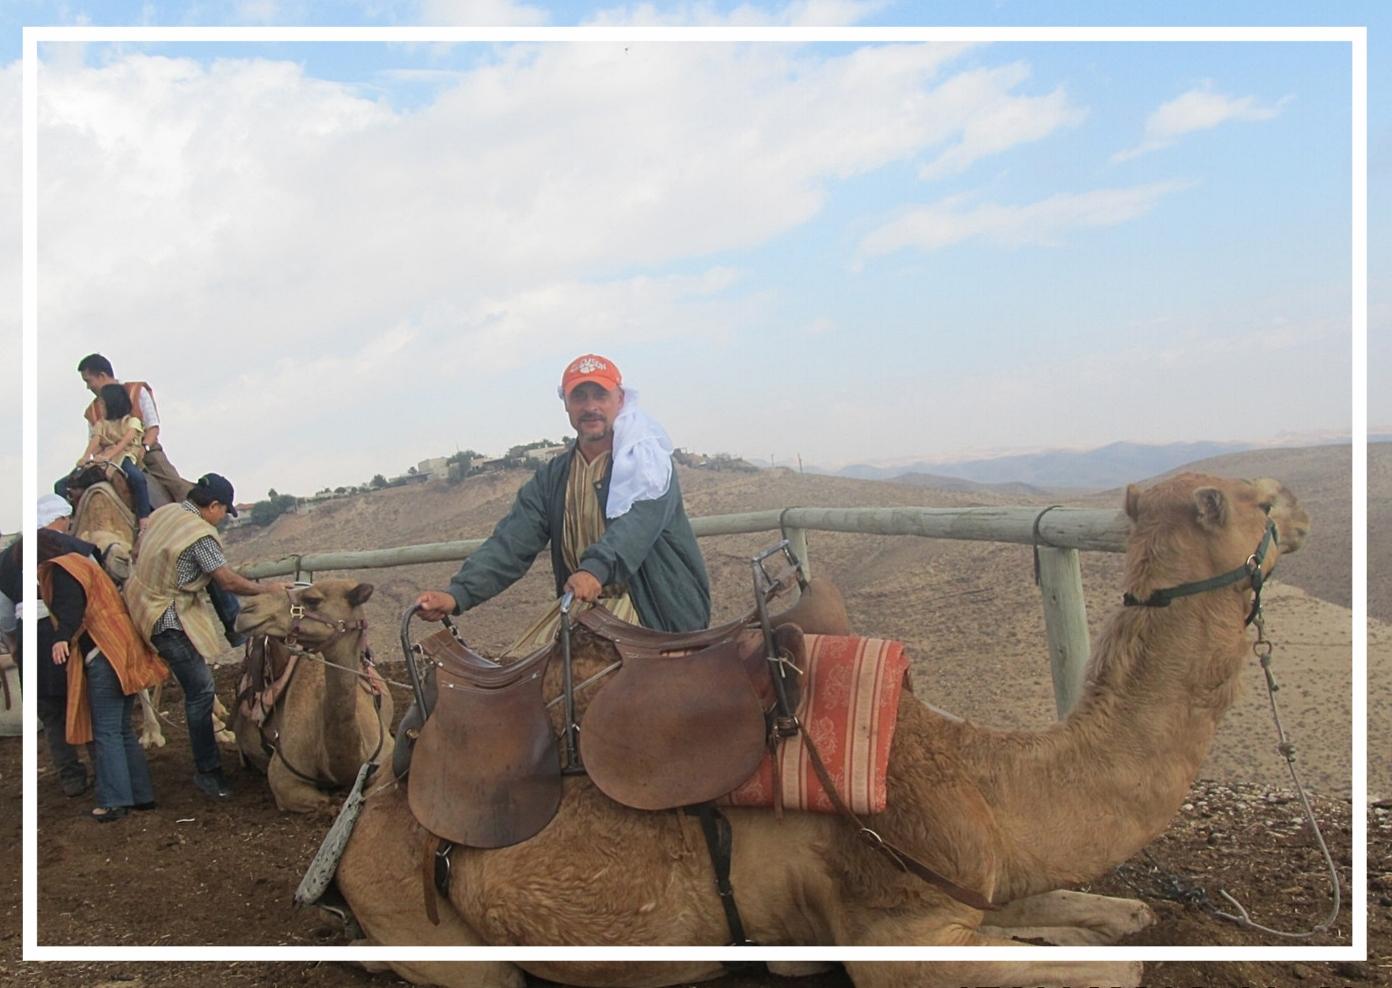 Camel ride in the desert, 2014